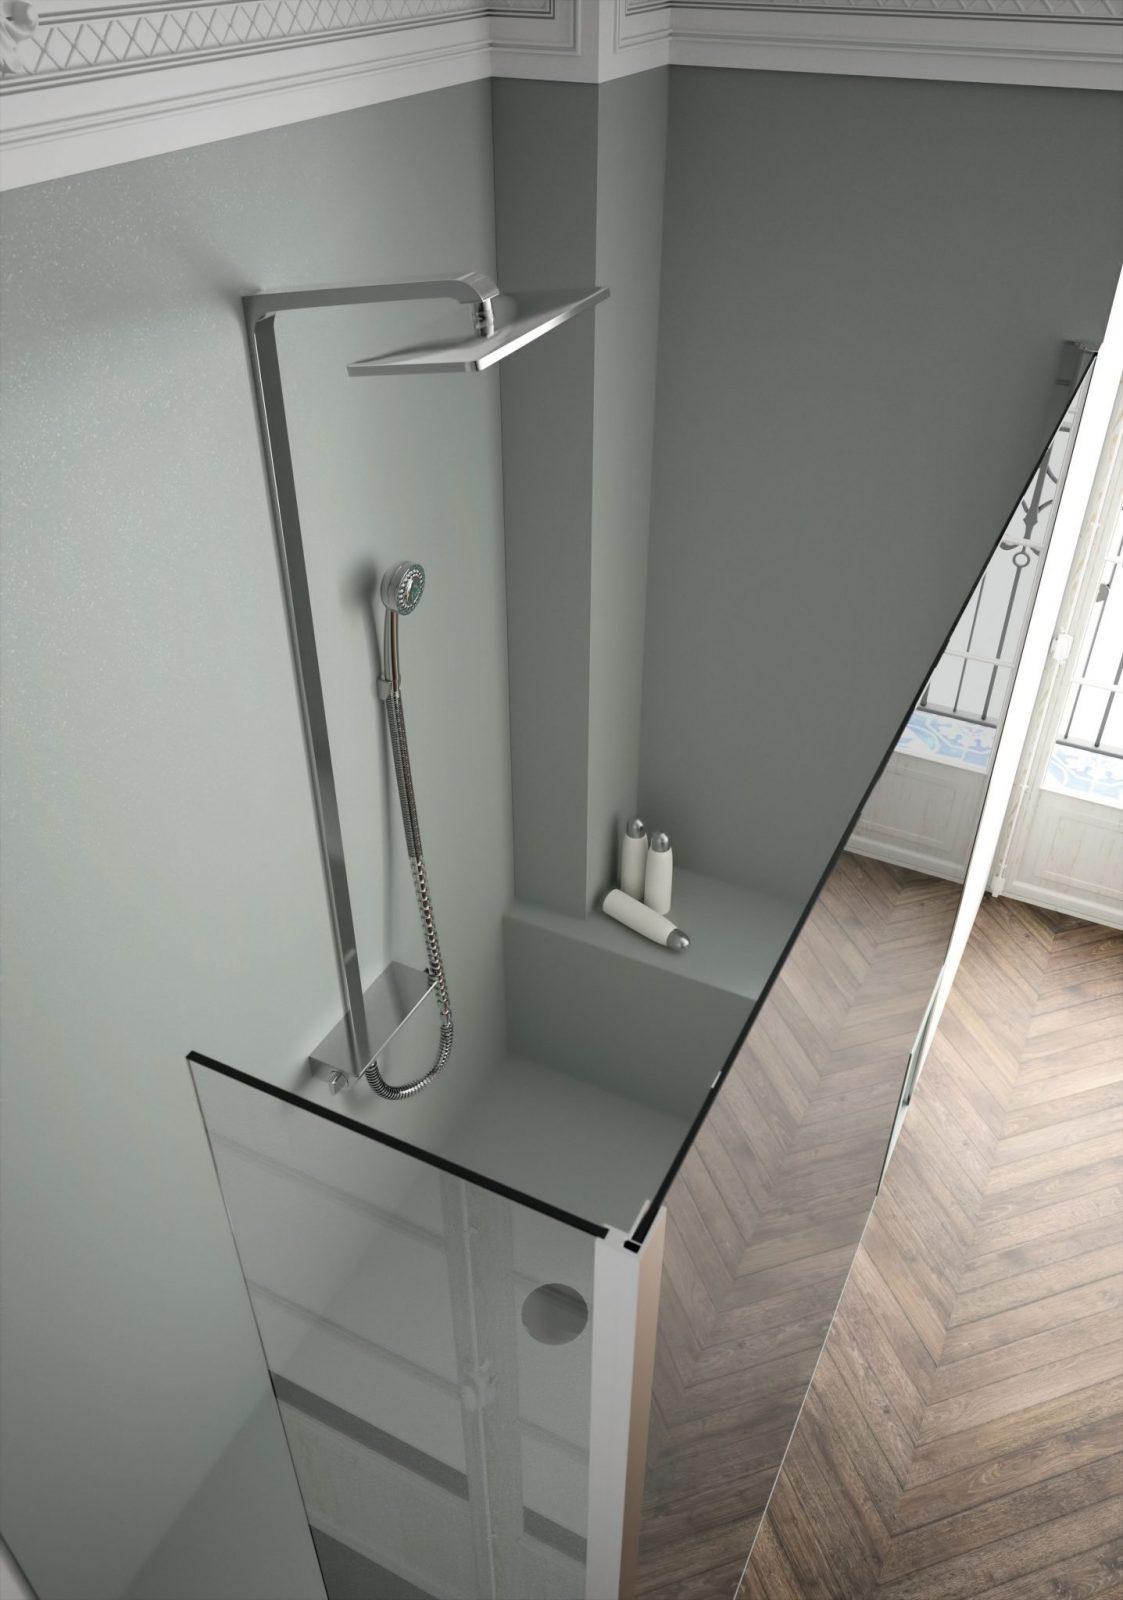 fiche produit sdb panneaux muraux fond de douche. Black Bedroom Furniture Sets. Home Design Ideas